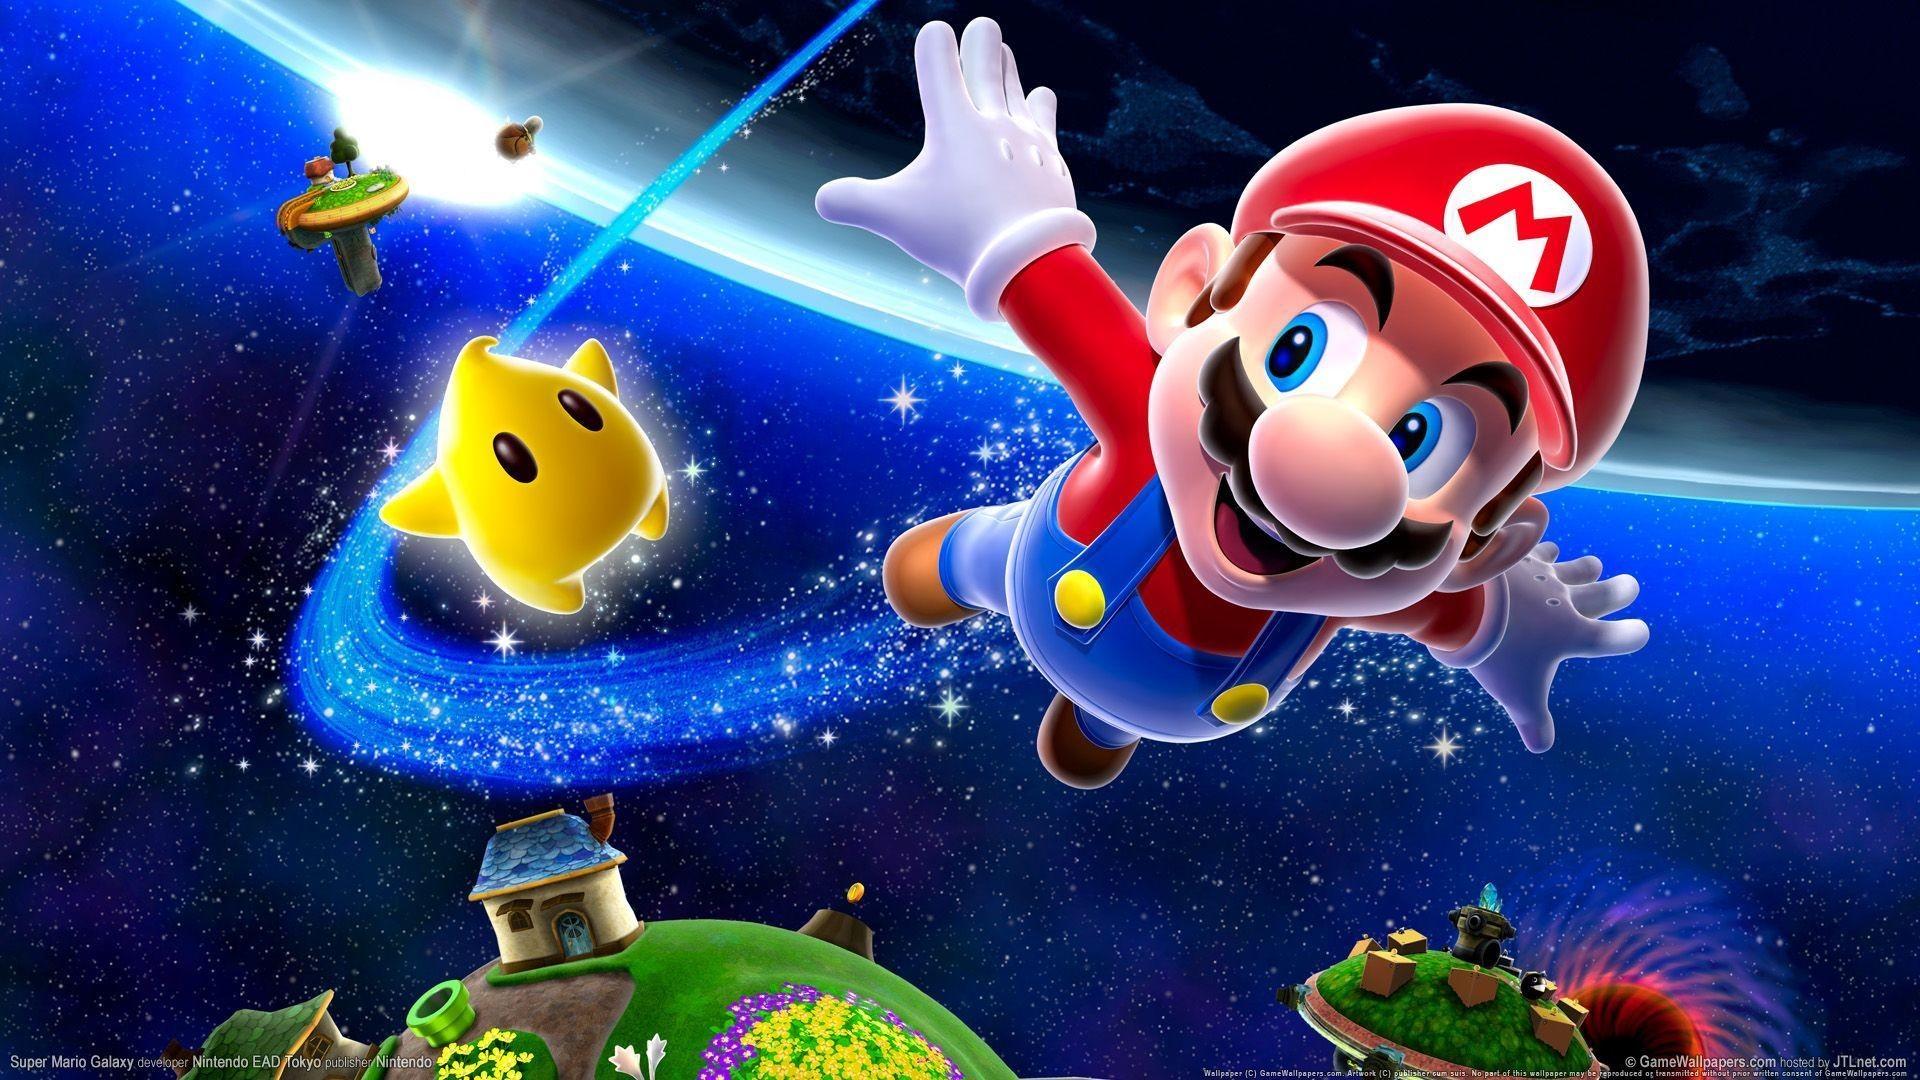 Super Mario Galaxy Wallpapers